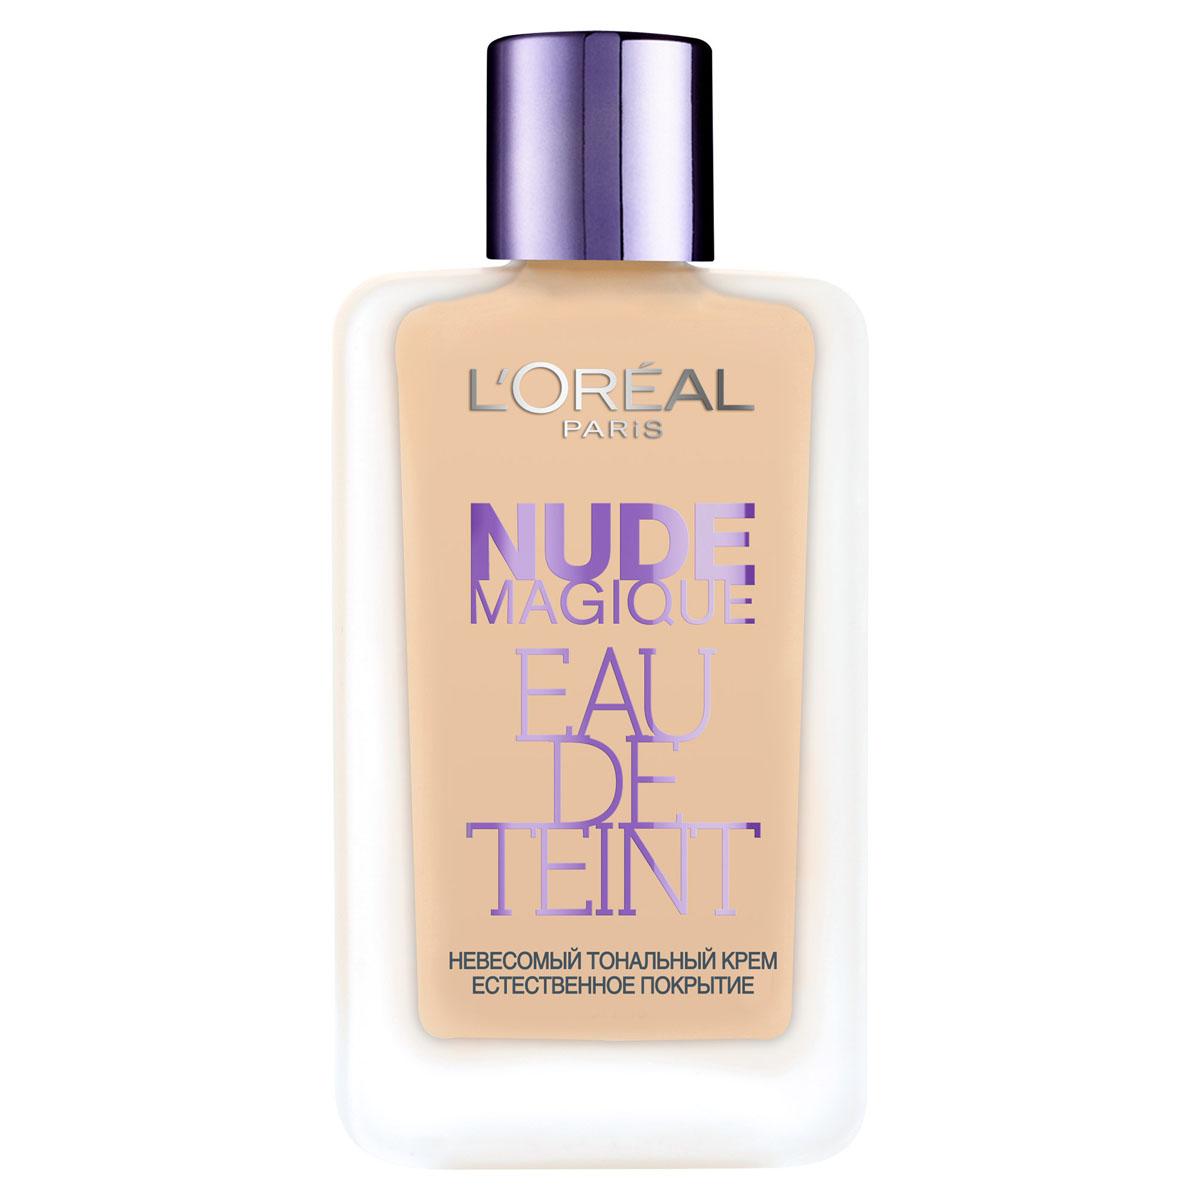 LOreal Paris ��������� ��������� ���� ��� ���� Nude Magique Eau De Teint, ��� �110 Warm Ivory (�������� �����), 20 �� - LOreal ParisA7393300��������� ��������� ���� Nude Magique. ������������� �������: � ������ �������� ������ �������� ��������� ���������, ��������� ������, ����������� � ����� ��������. ������� ���������� �������� ���������� �� ���� ��������� �� ����, �������� ������ �������� ����. �� ���� �������� ������ ����������� ���������� ��������� ������. ��� ���������: ��������� ��������, ������, ����������� ������������ ���� ����. ��������� ������� � ����� ����: ��� ������ � ������� �����. ��������, ������� ��������. �������� ���������� �������.